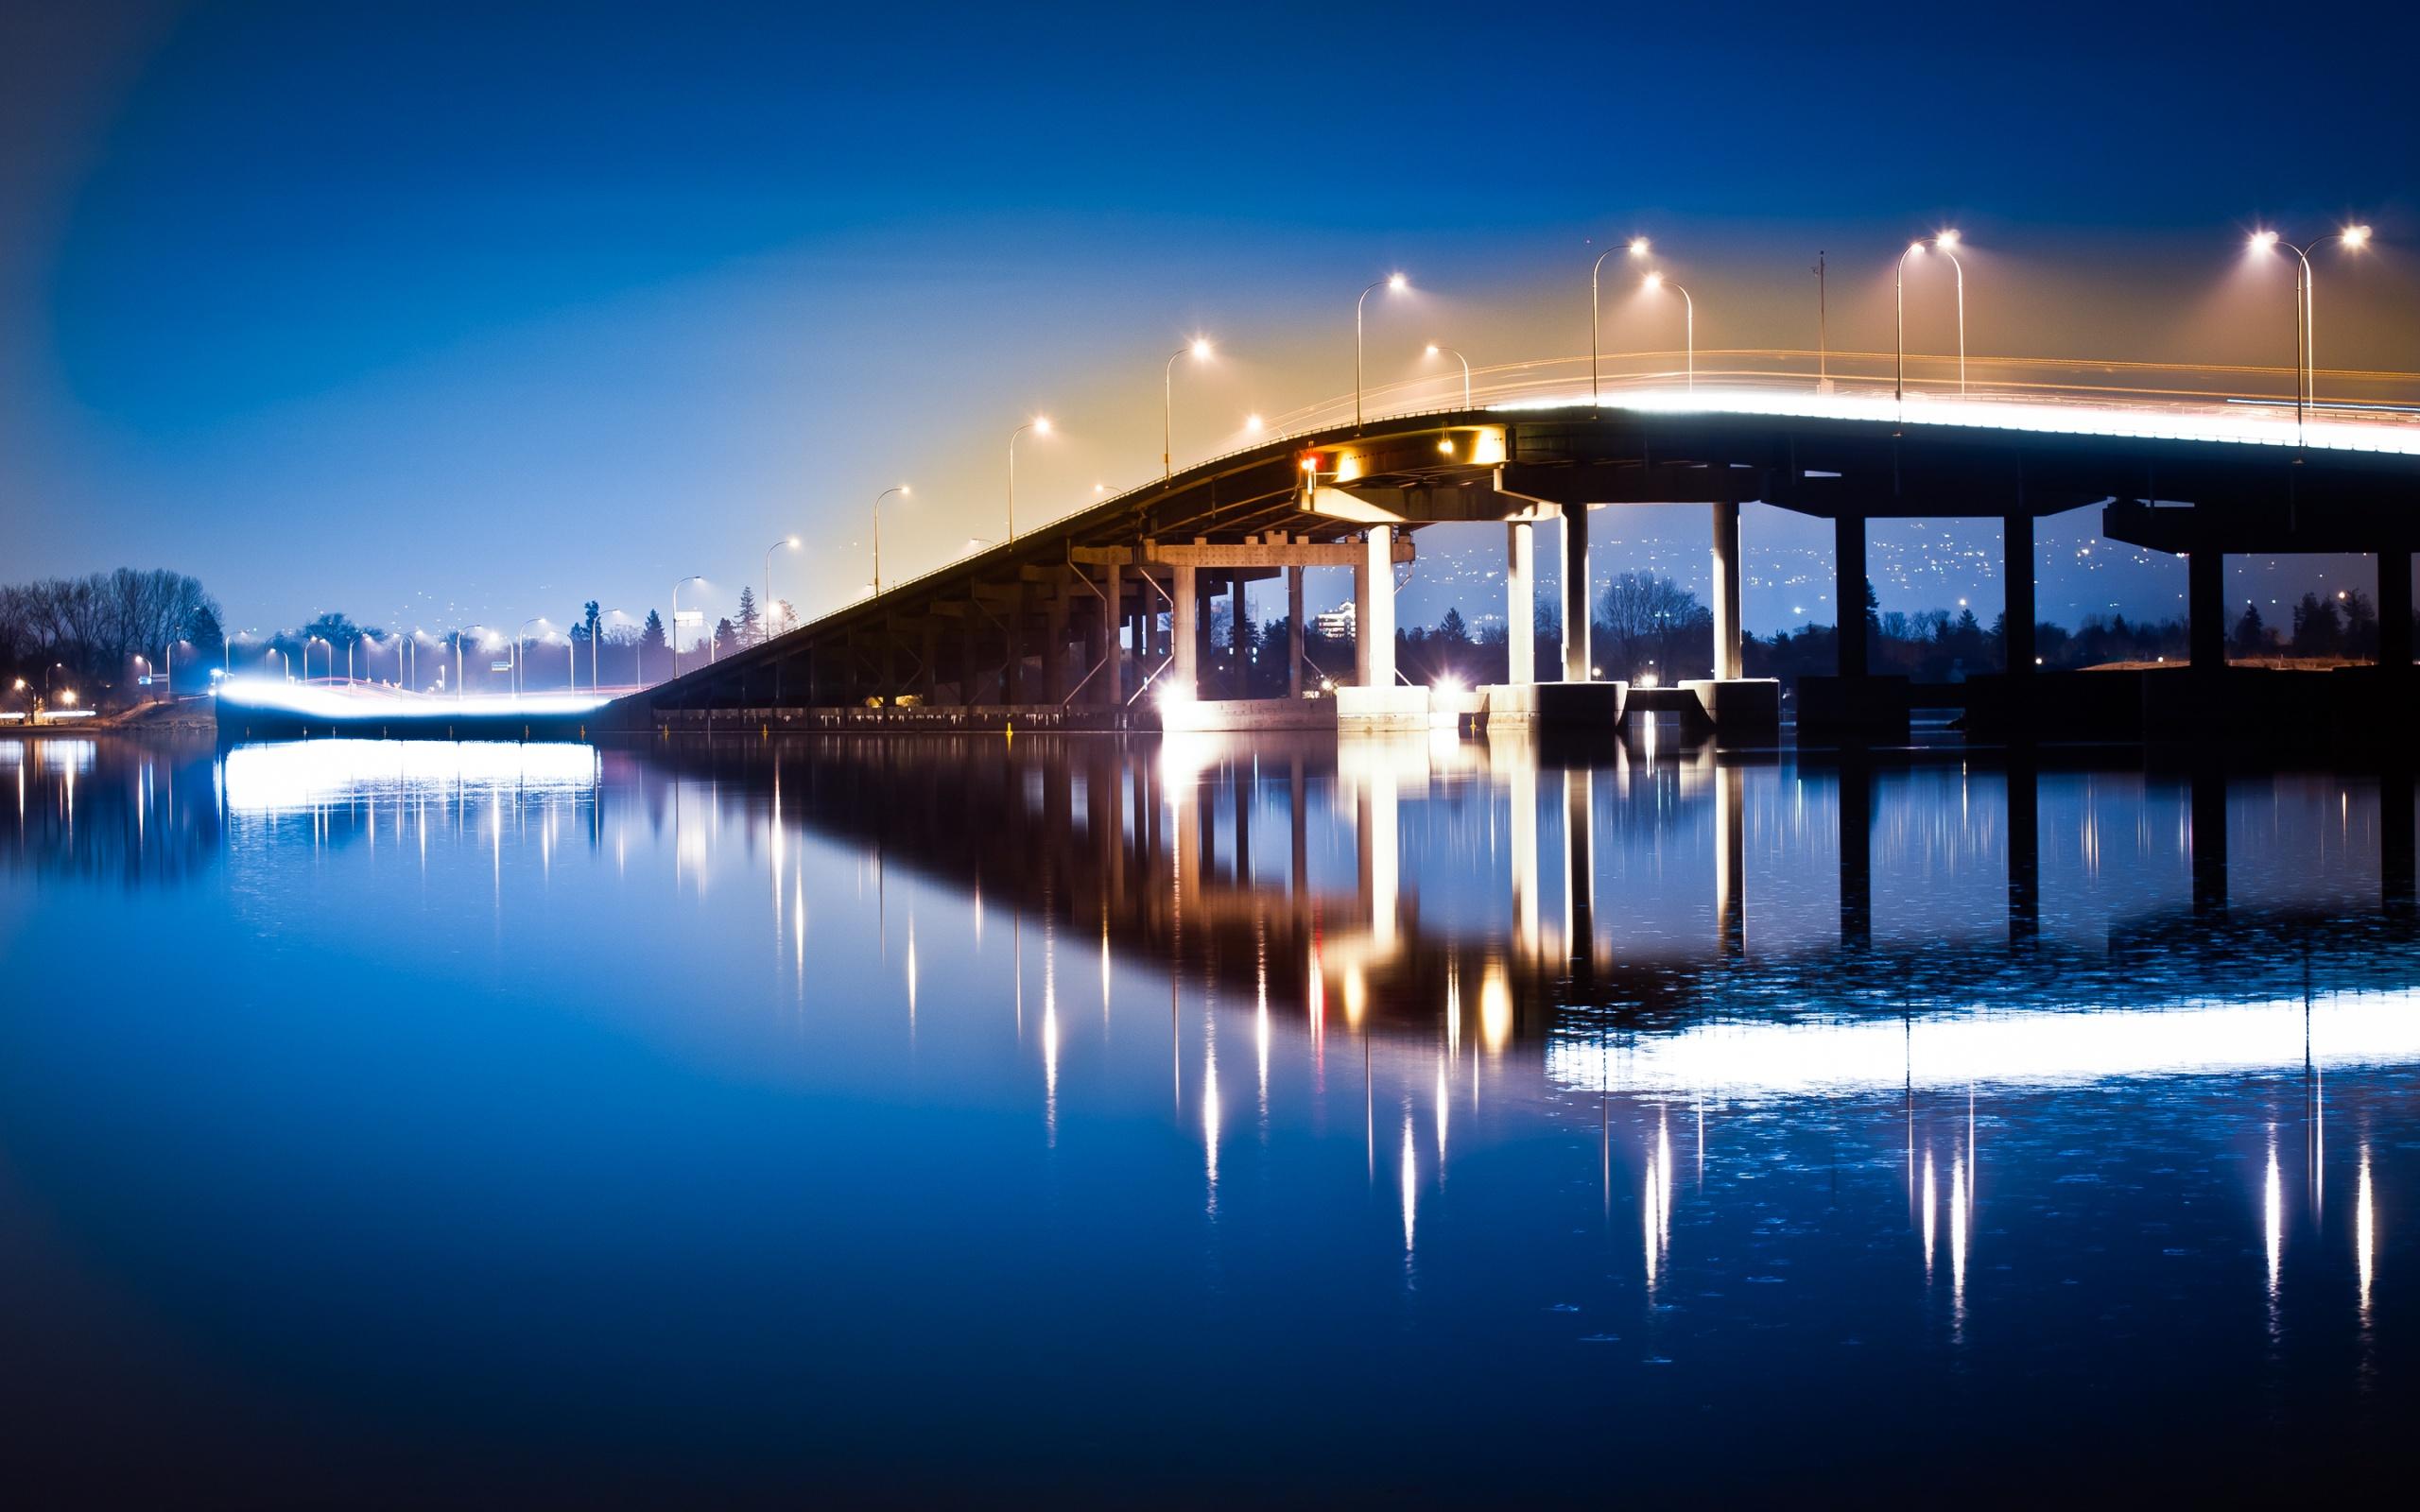 мост, освещение, фонари